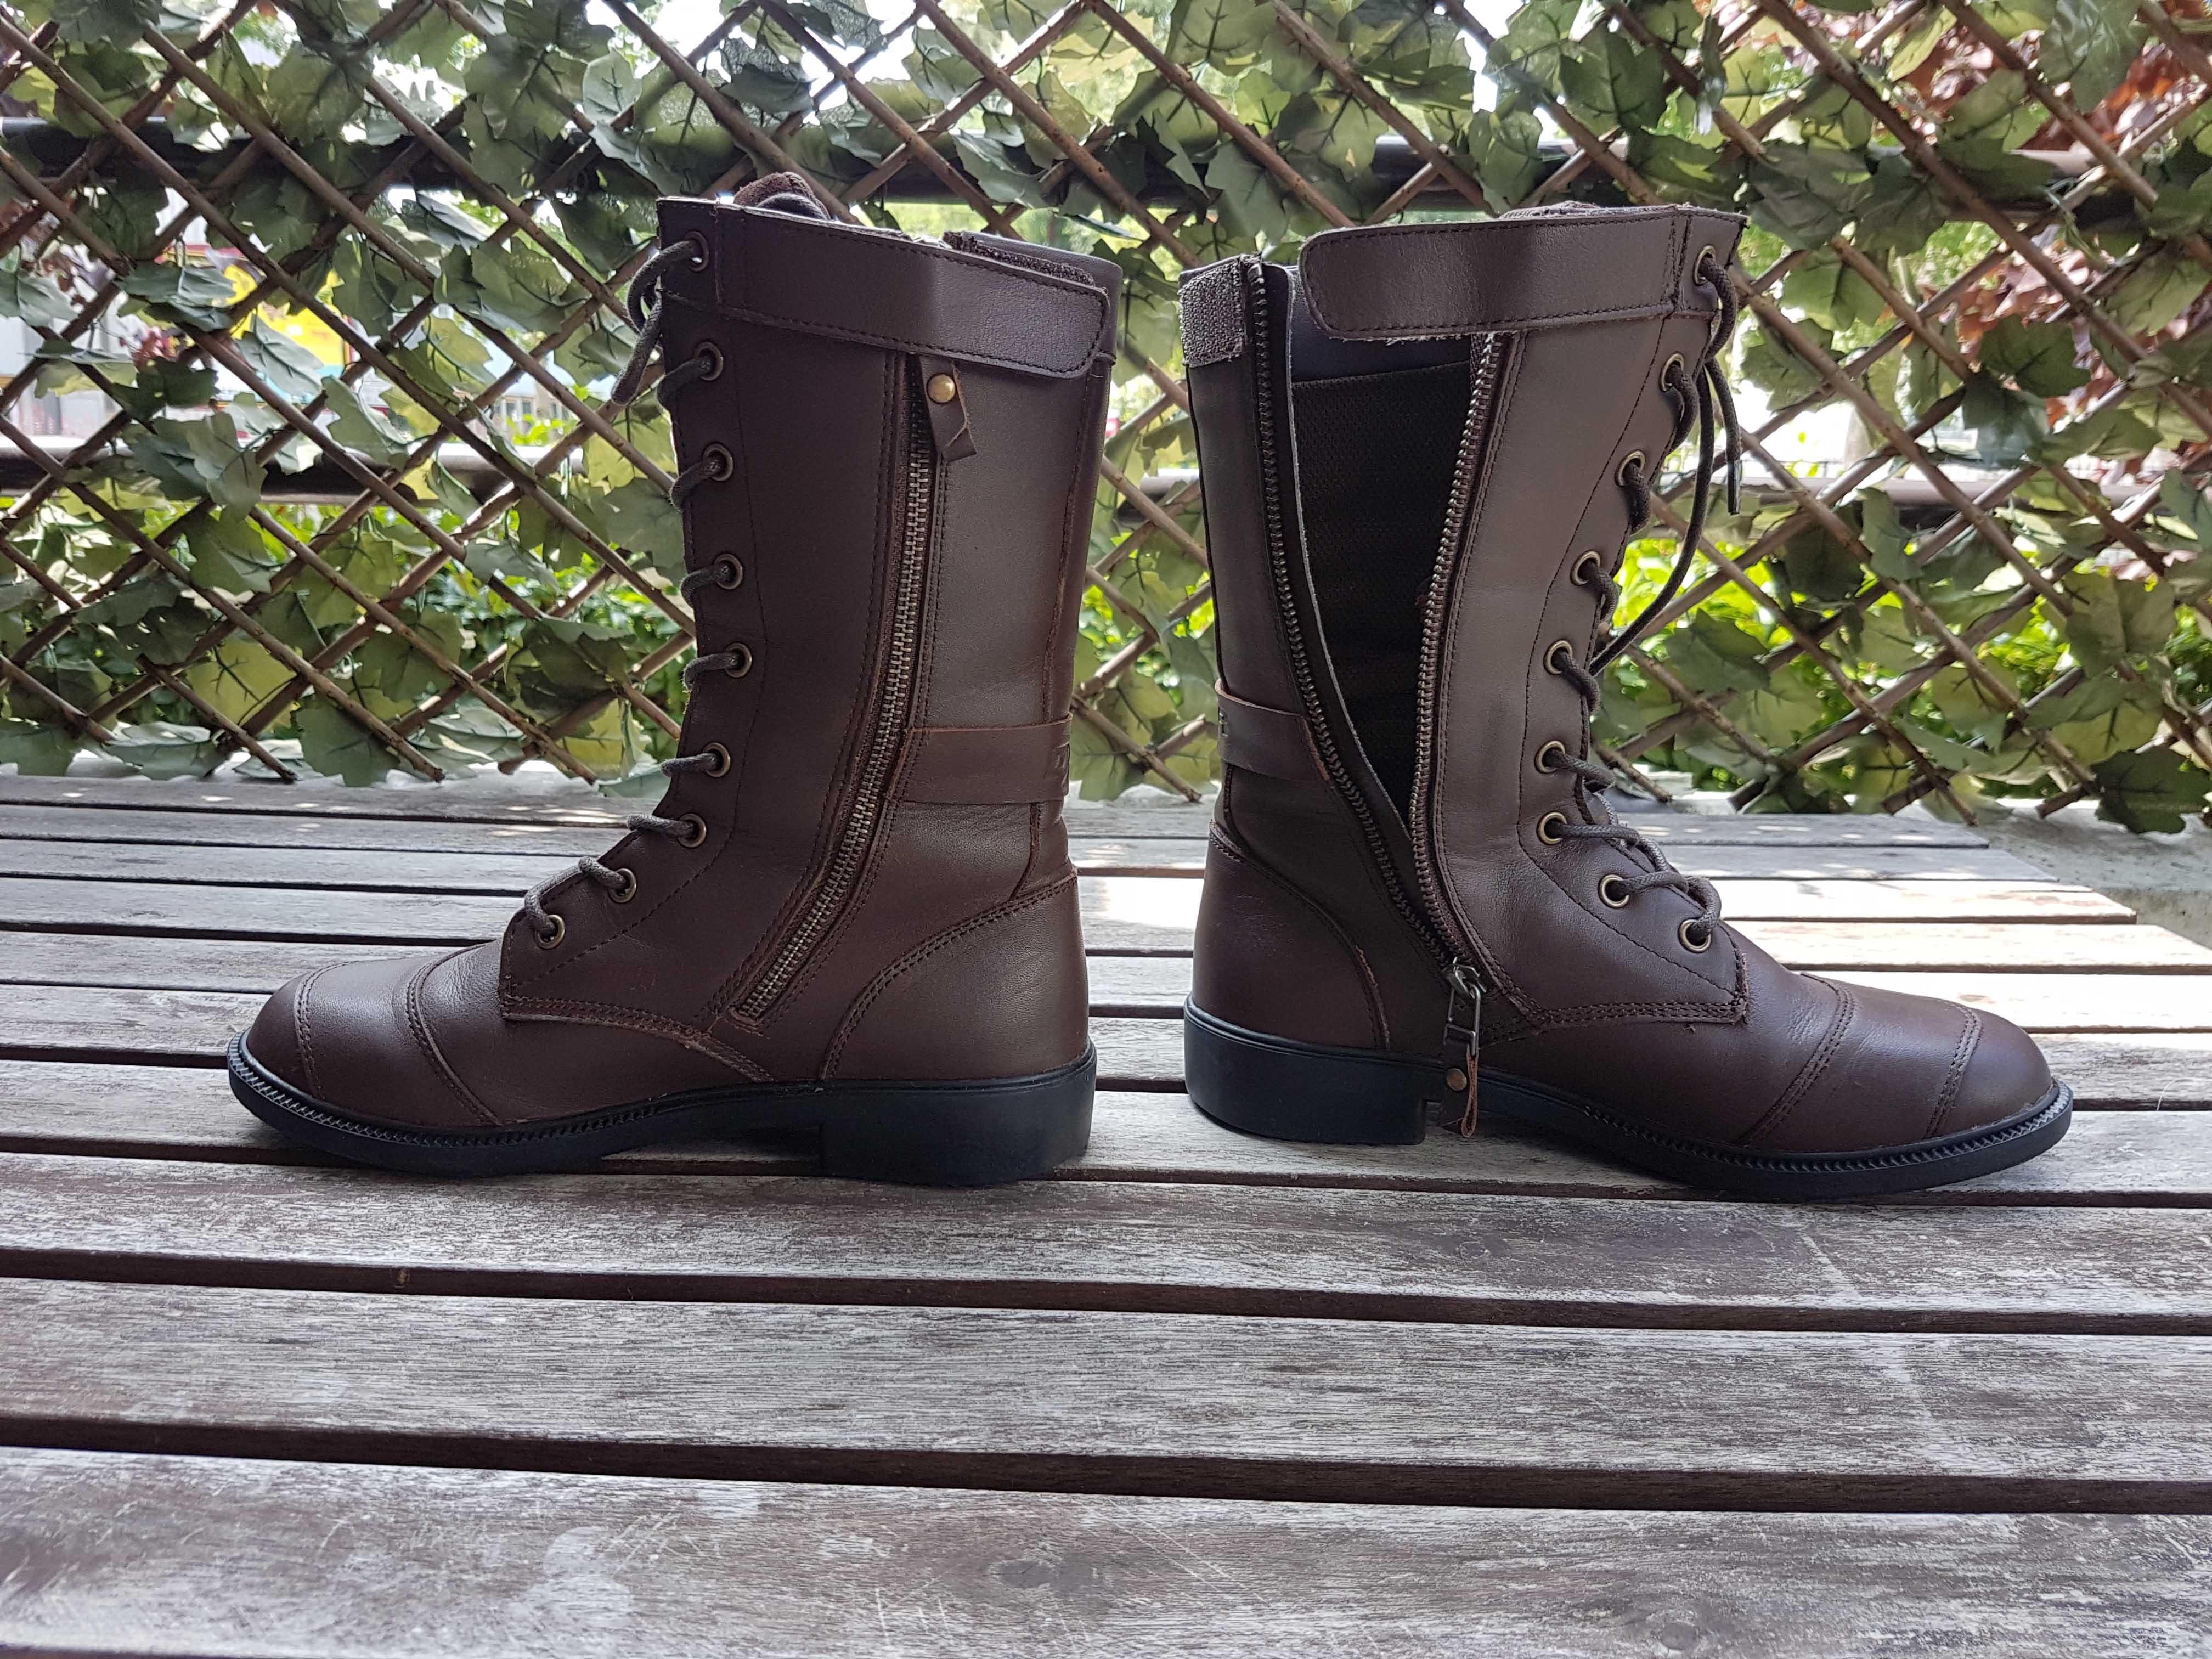 Les demi-bottes Nazka possèdent une fermeture éclair pour faciliter l'insertion du pied ainsi qu'un scratch pour protéger la tirette.